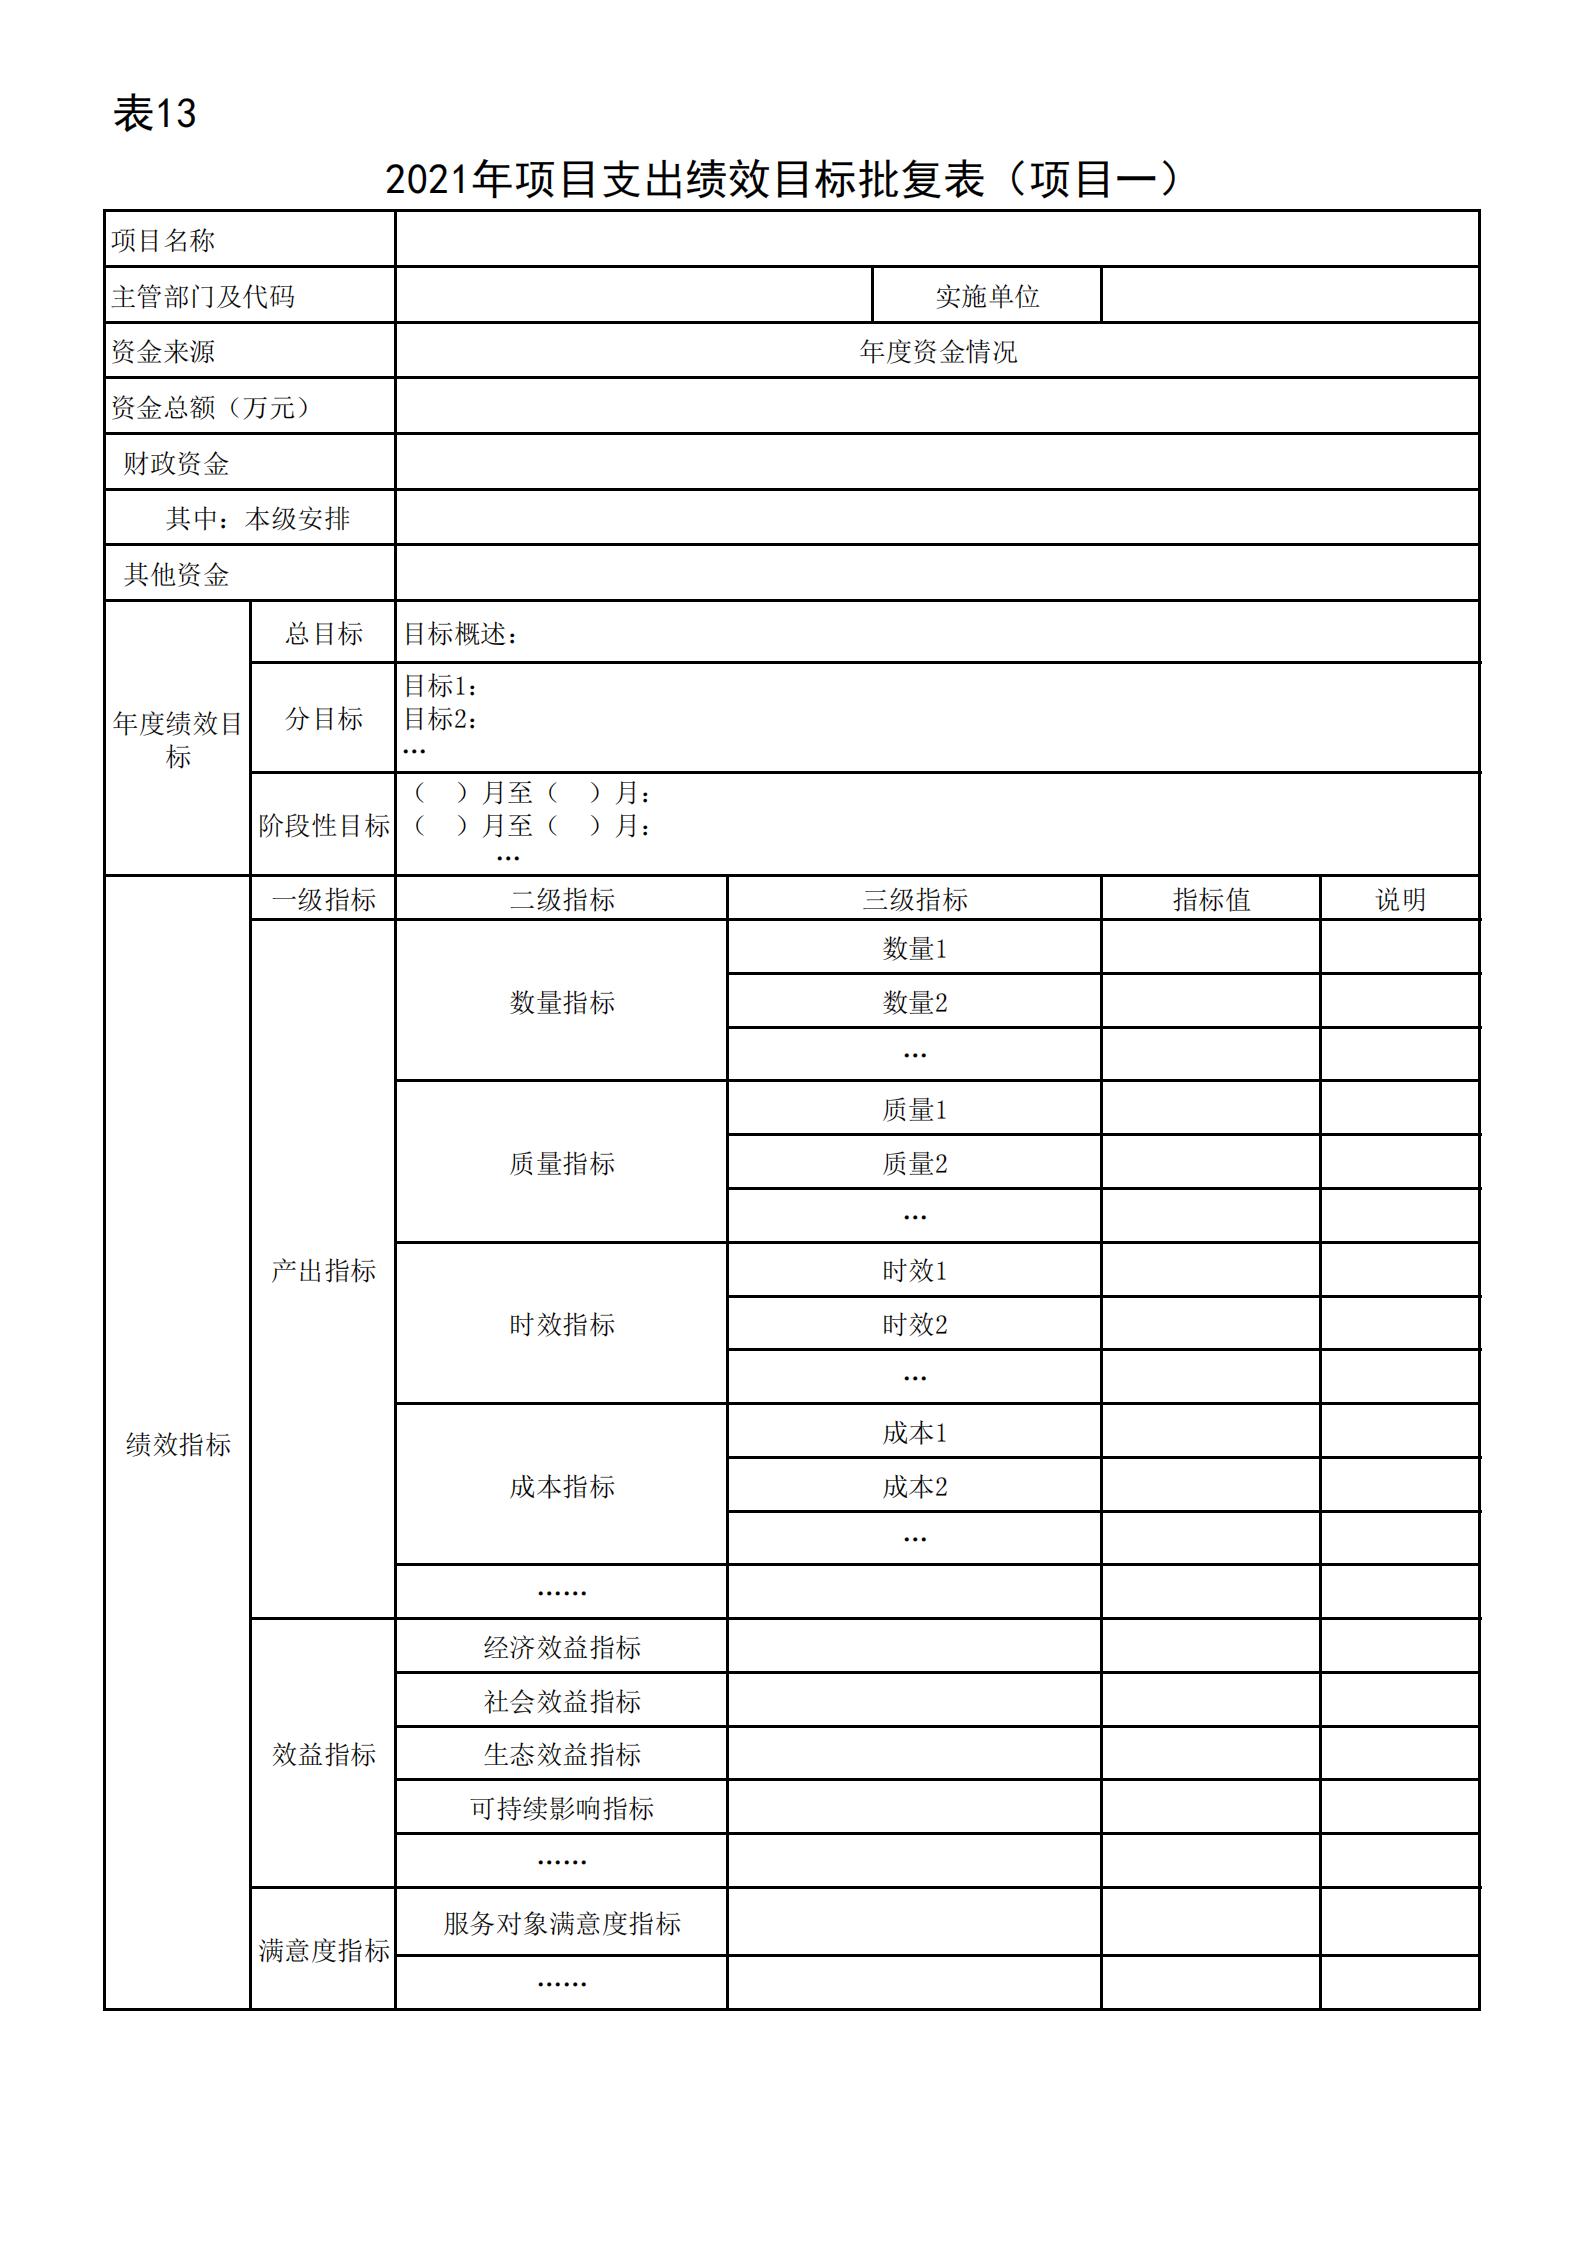 """共青团贵阳市委(本级)2021年度市级部门预算、""""三公""""经费预算公开说明(1)_26.png"""